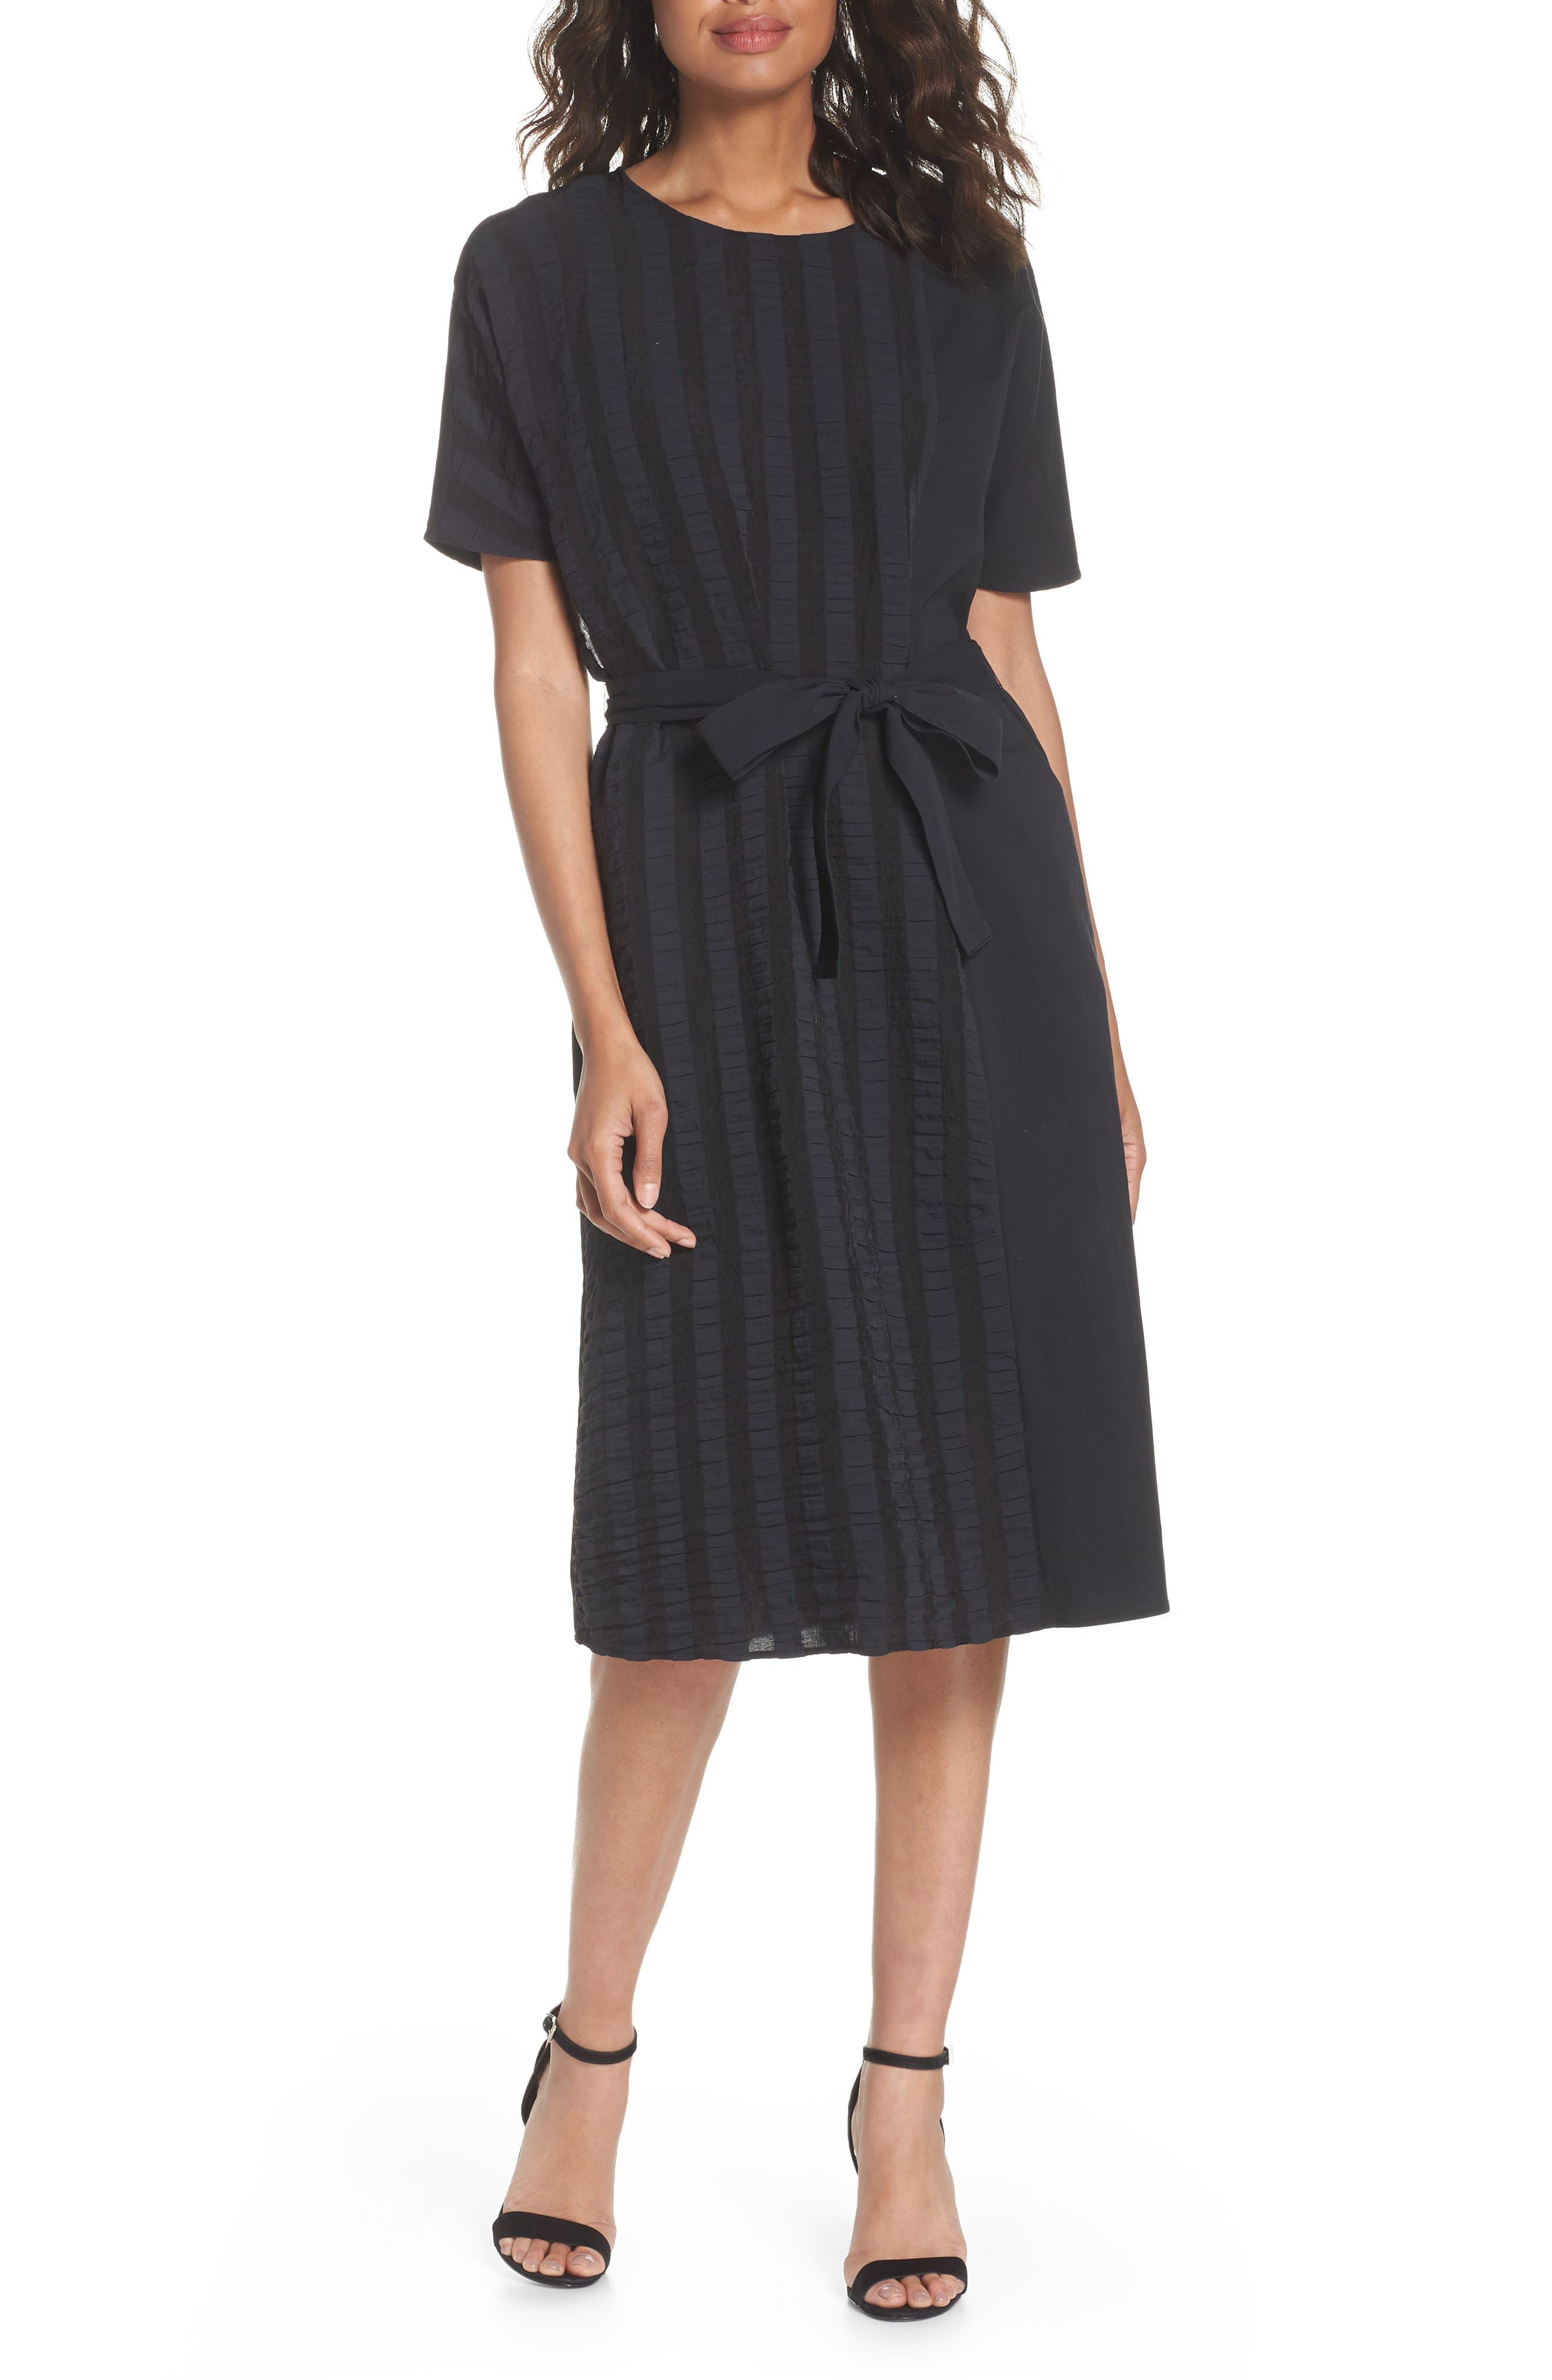 Throwing Shade Midi Dress,                             Main thumbnail 1, color,                             Black